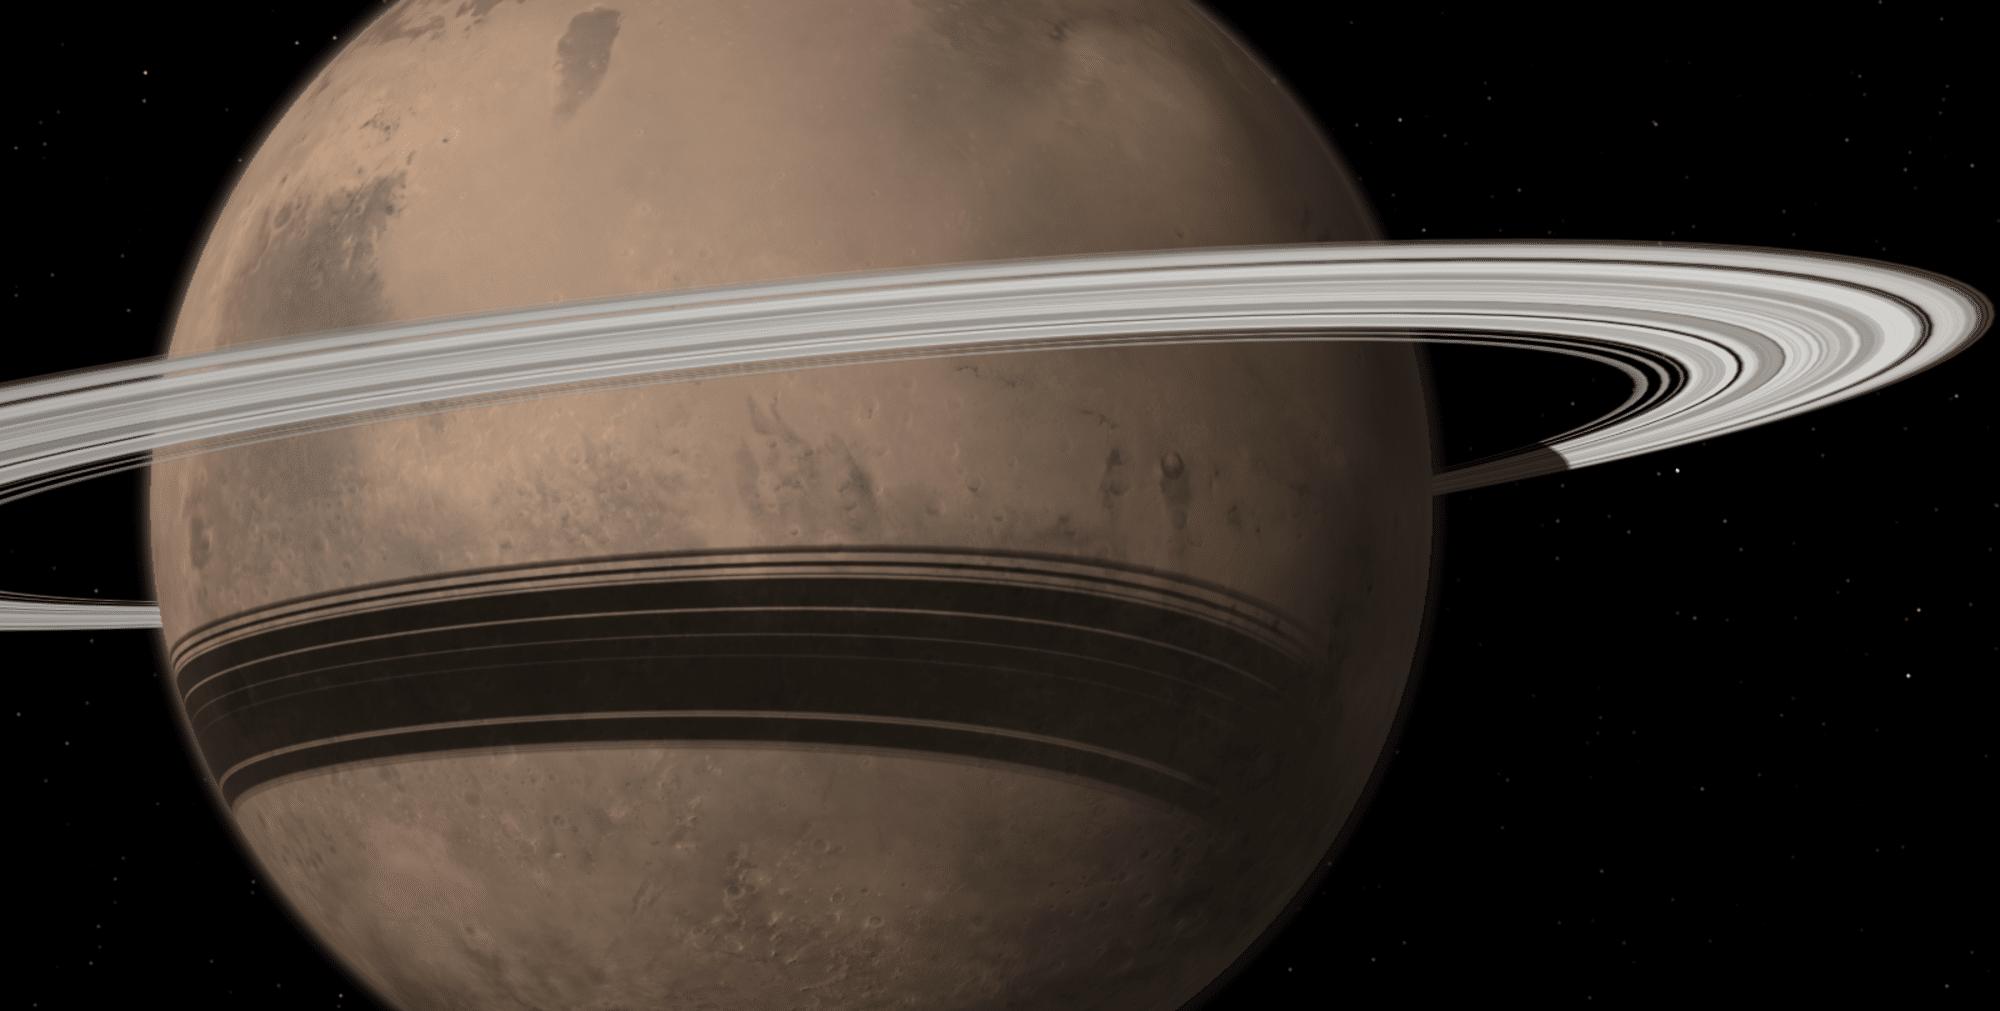 Marte podría tener anillos en el futuro